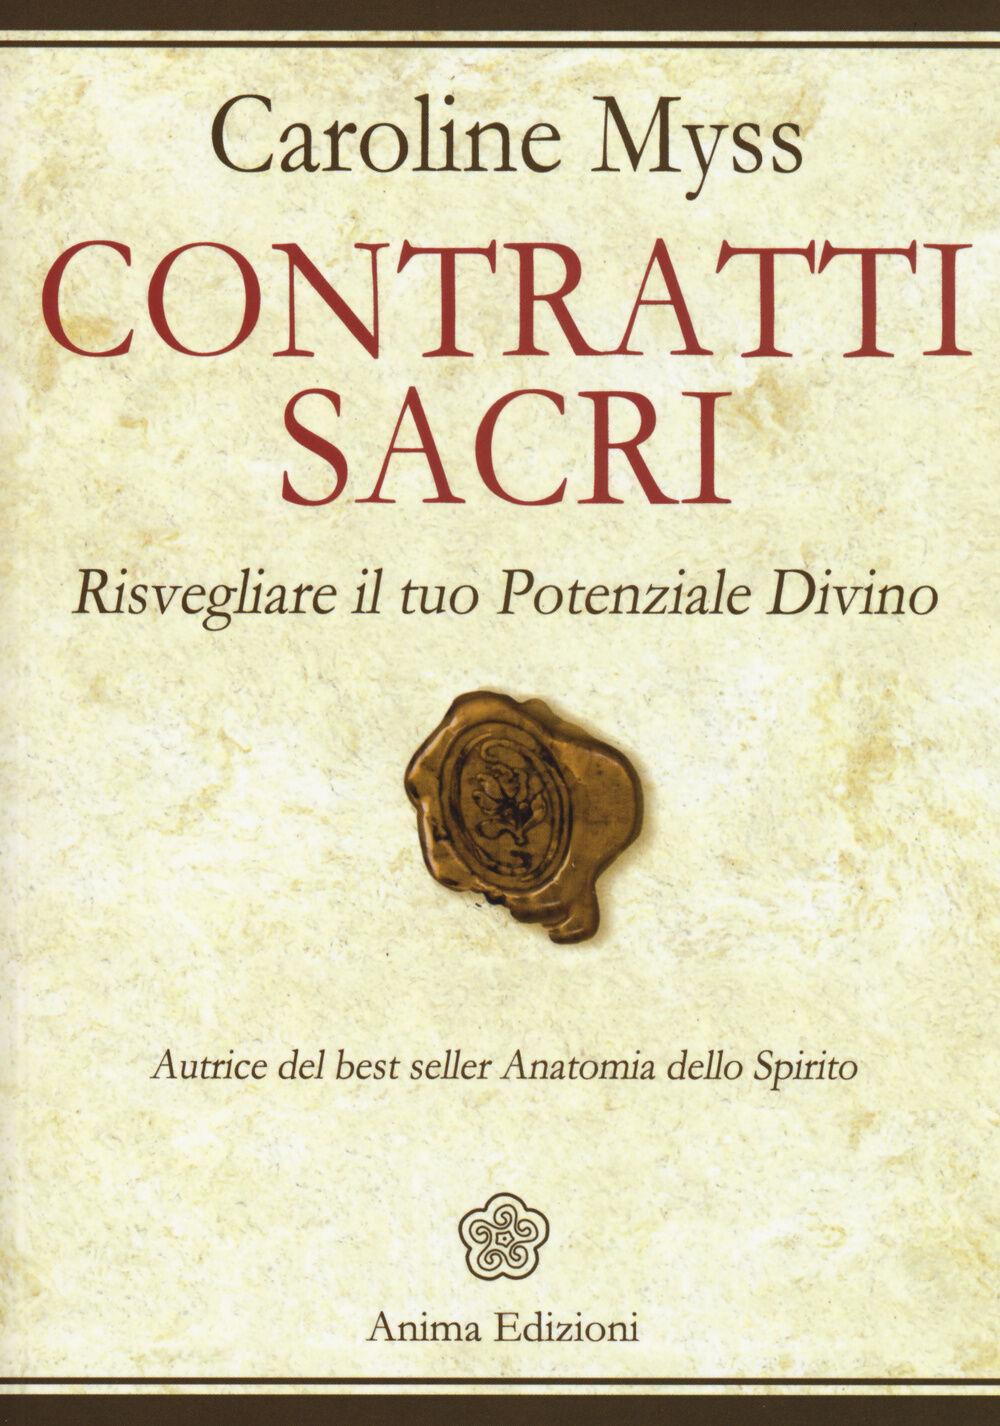 Contratti sacri. Risvegliare il tuo potenziale divino